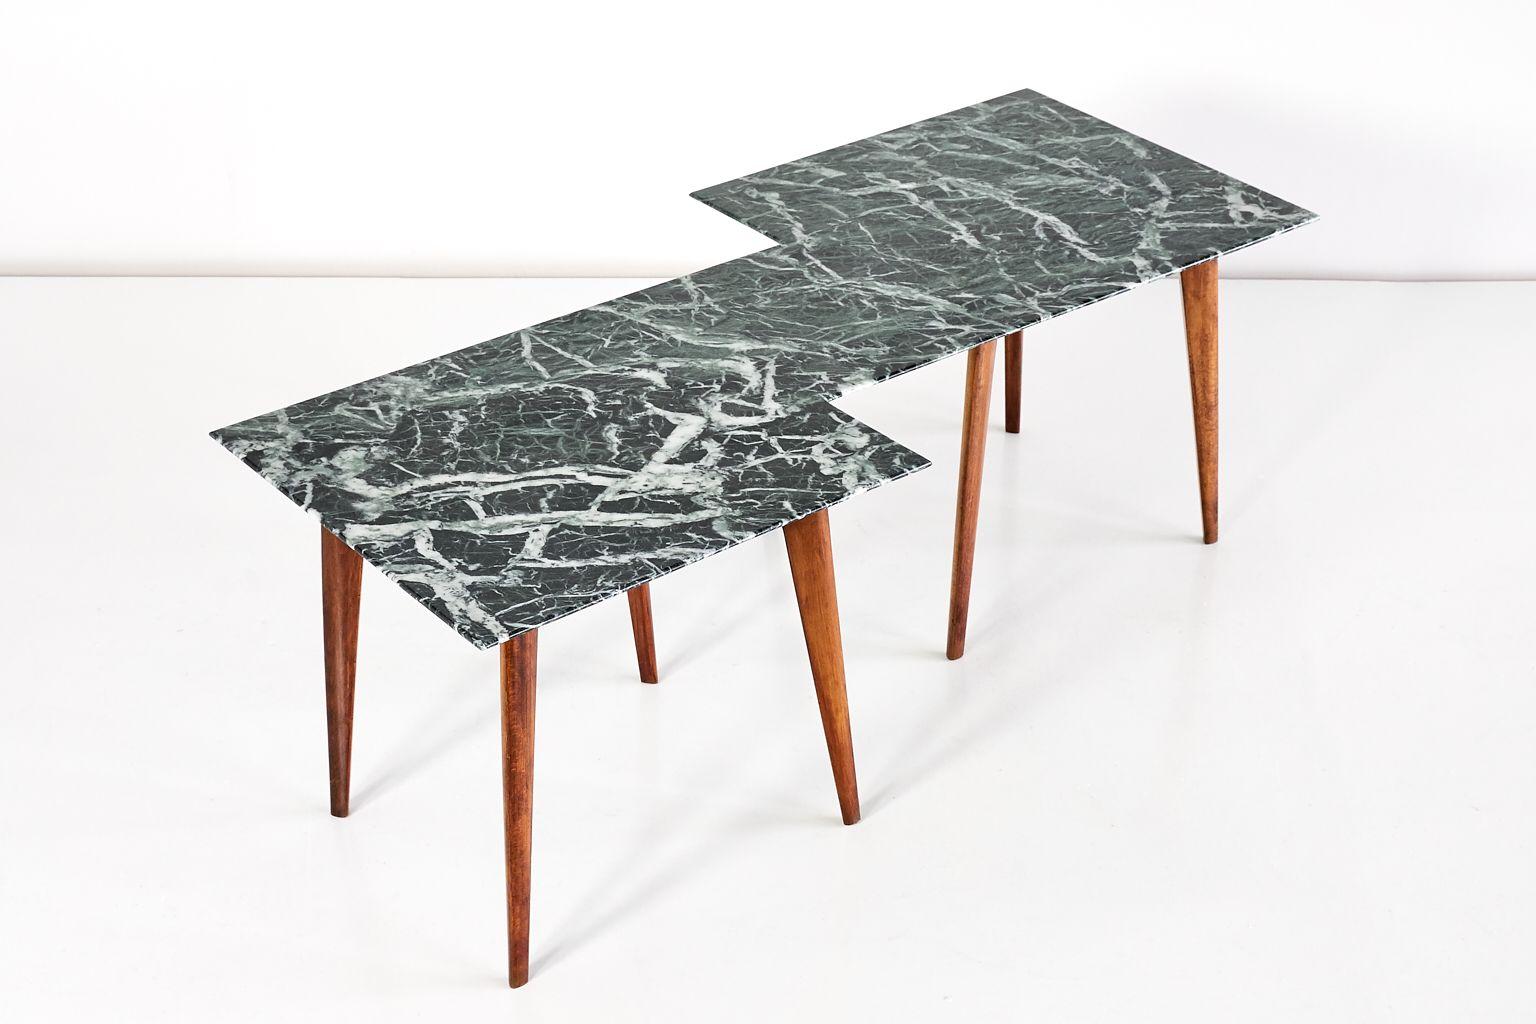 table basse g om trique avec plateau en marbre vert. Black Bedroom Furniture Sets. Home Design Ideas